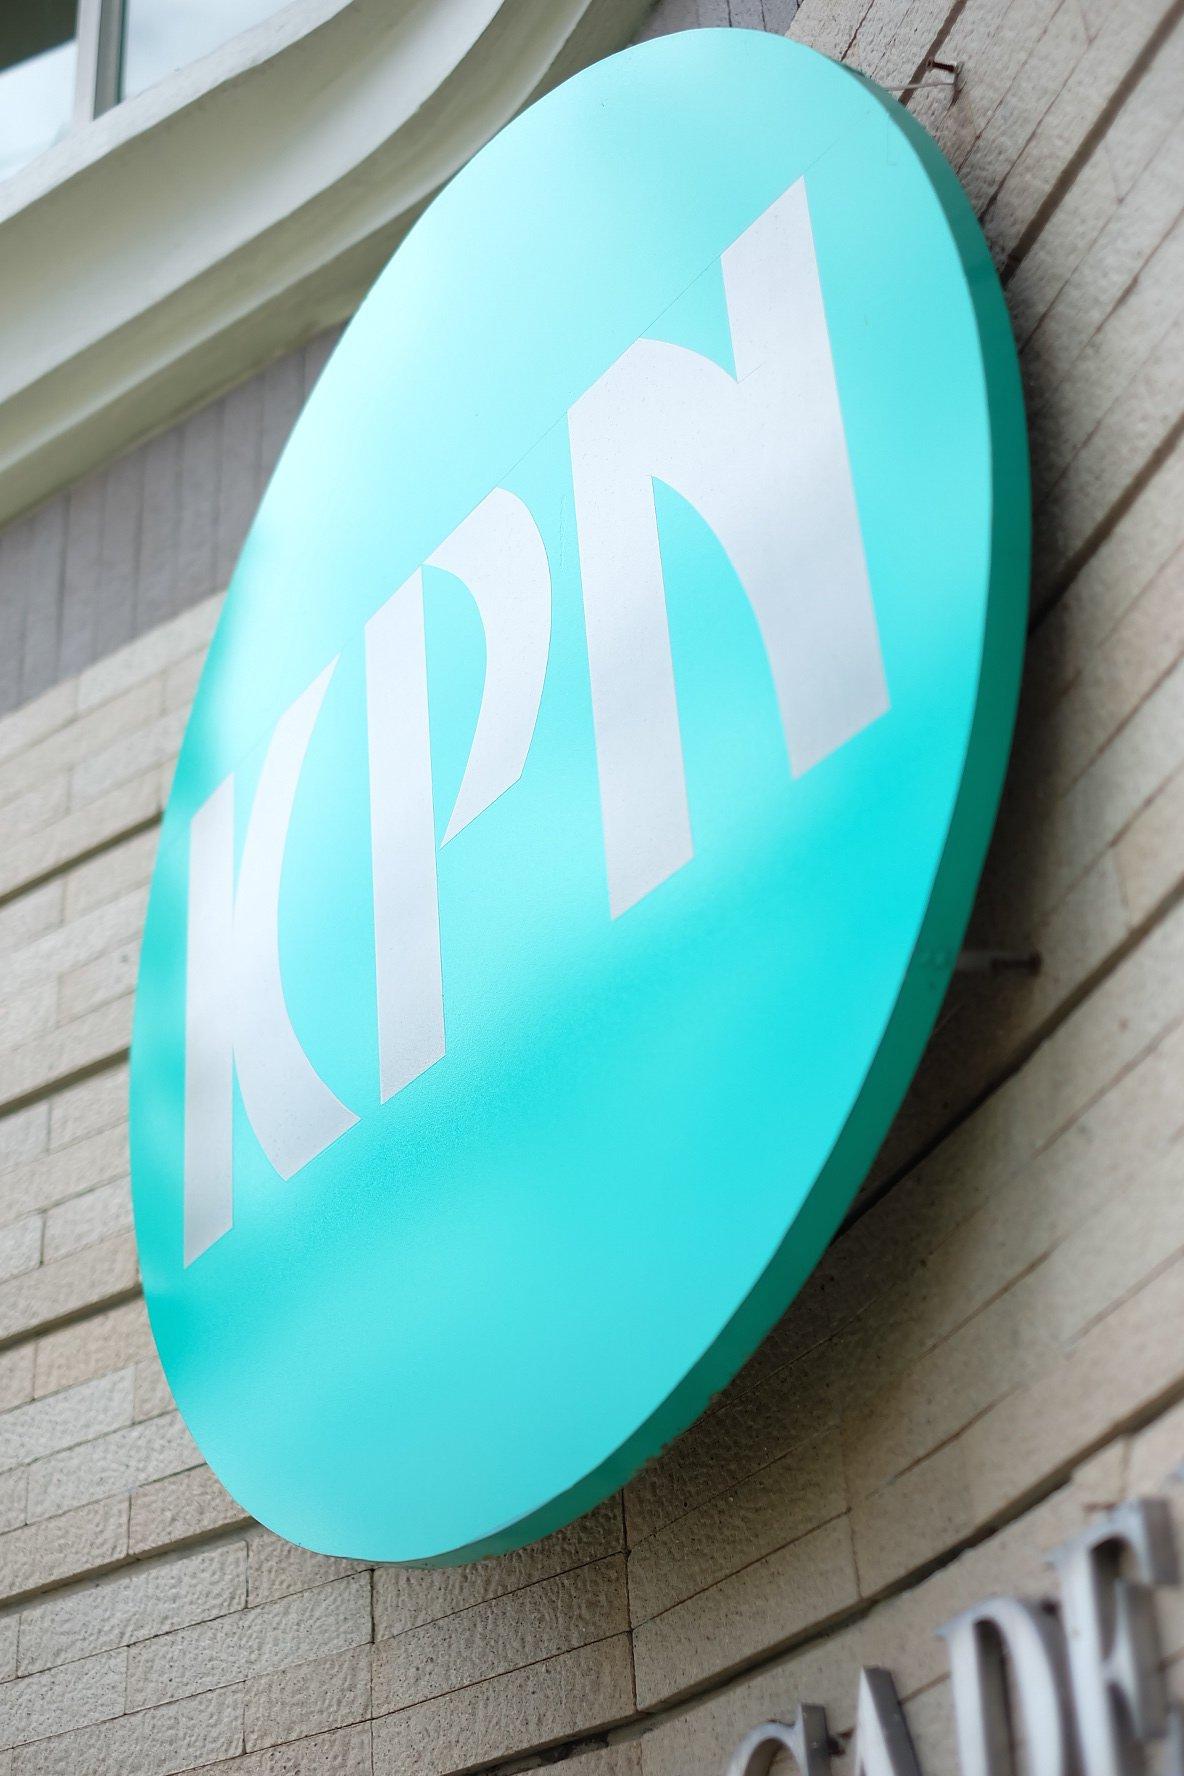 KPN สีวลี รังสิต คลอง2 จัดงานทำบุญประจำปี